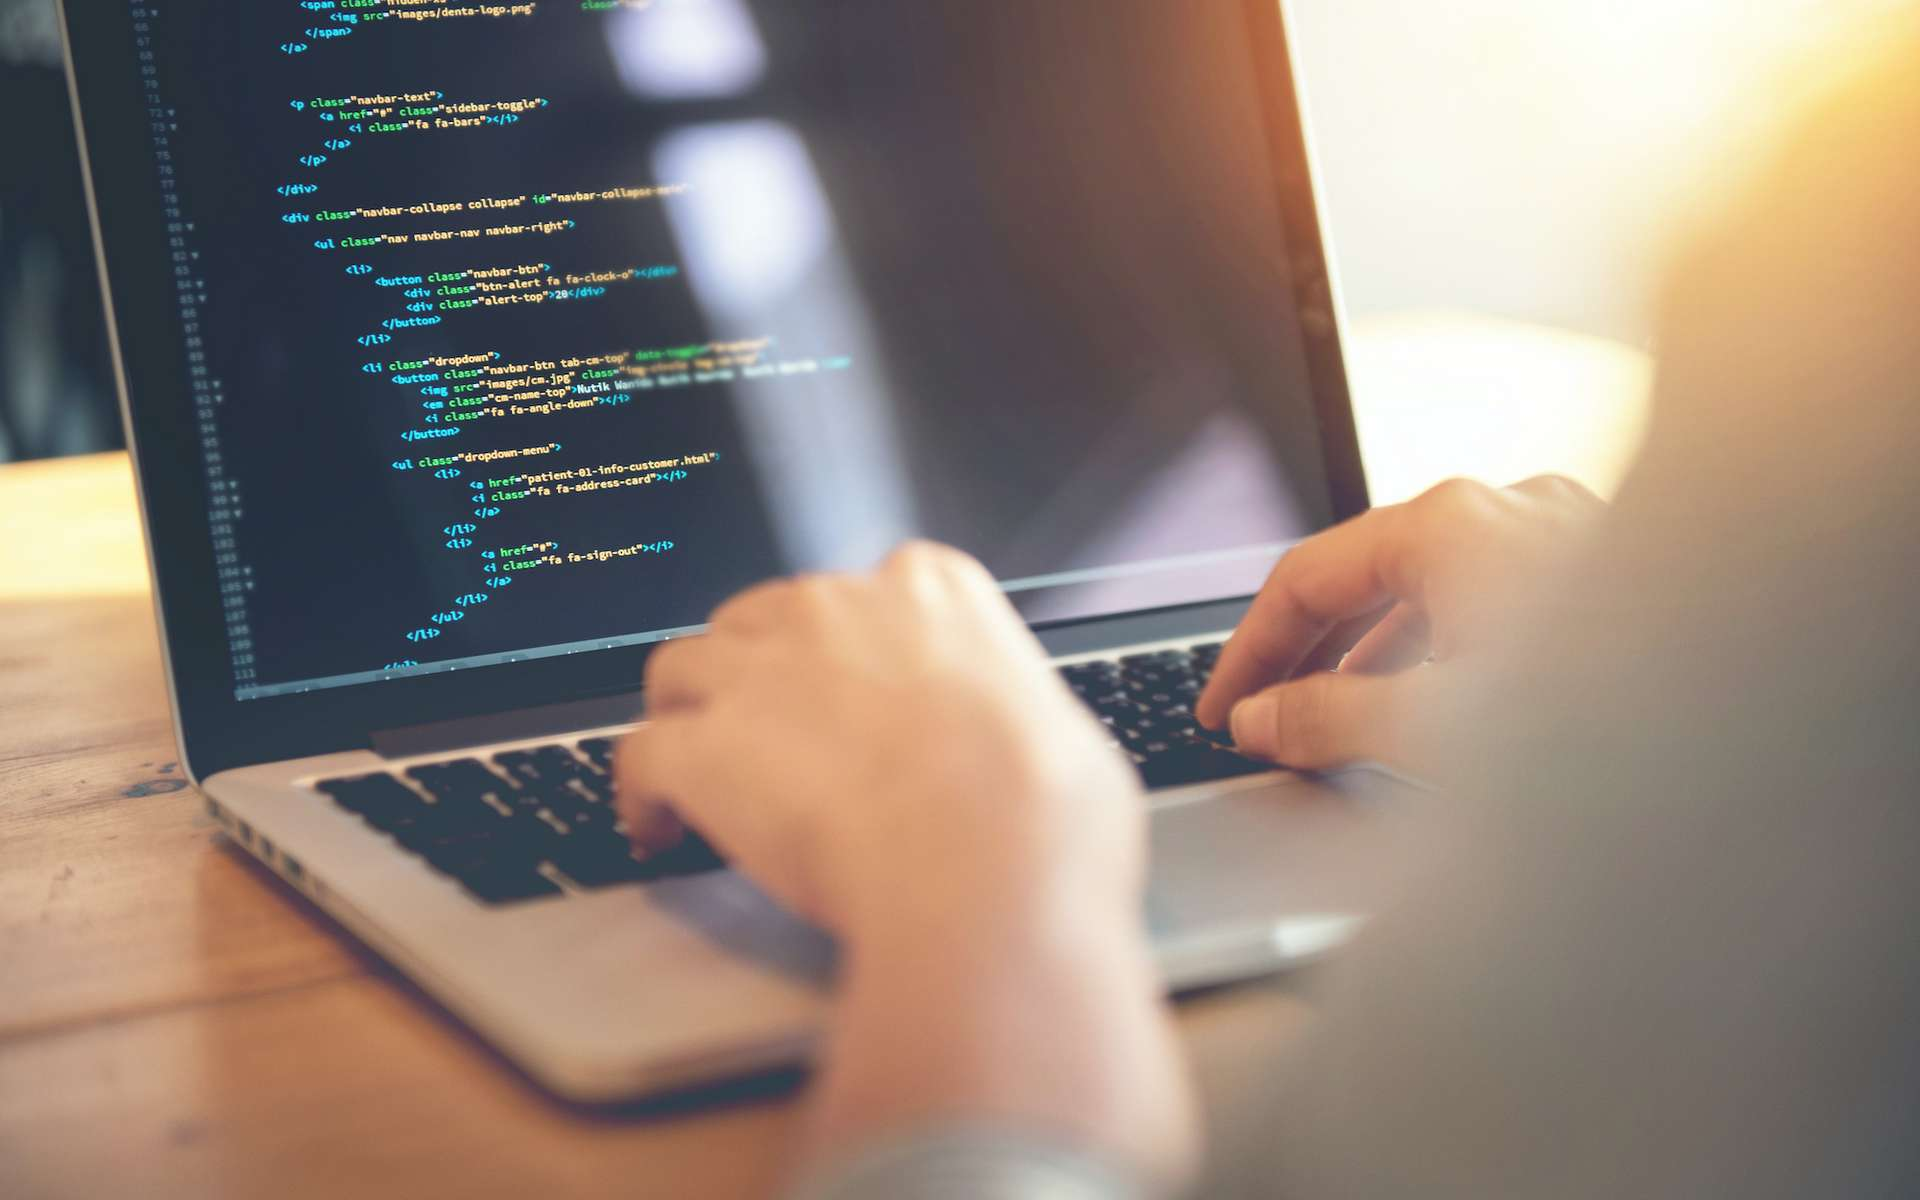 Une attaque simple, mais radicale pourrait permettre de pirater des serveurs de grandes entreprises sans même avoir besoin de faire intervenir la victime. © oatawa, Adobe Stock